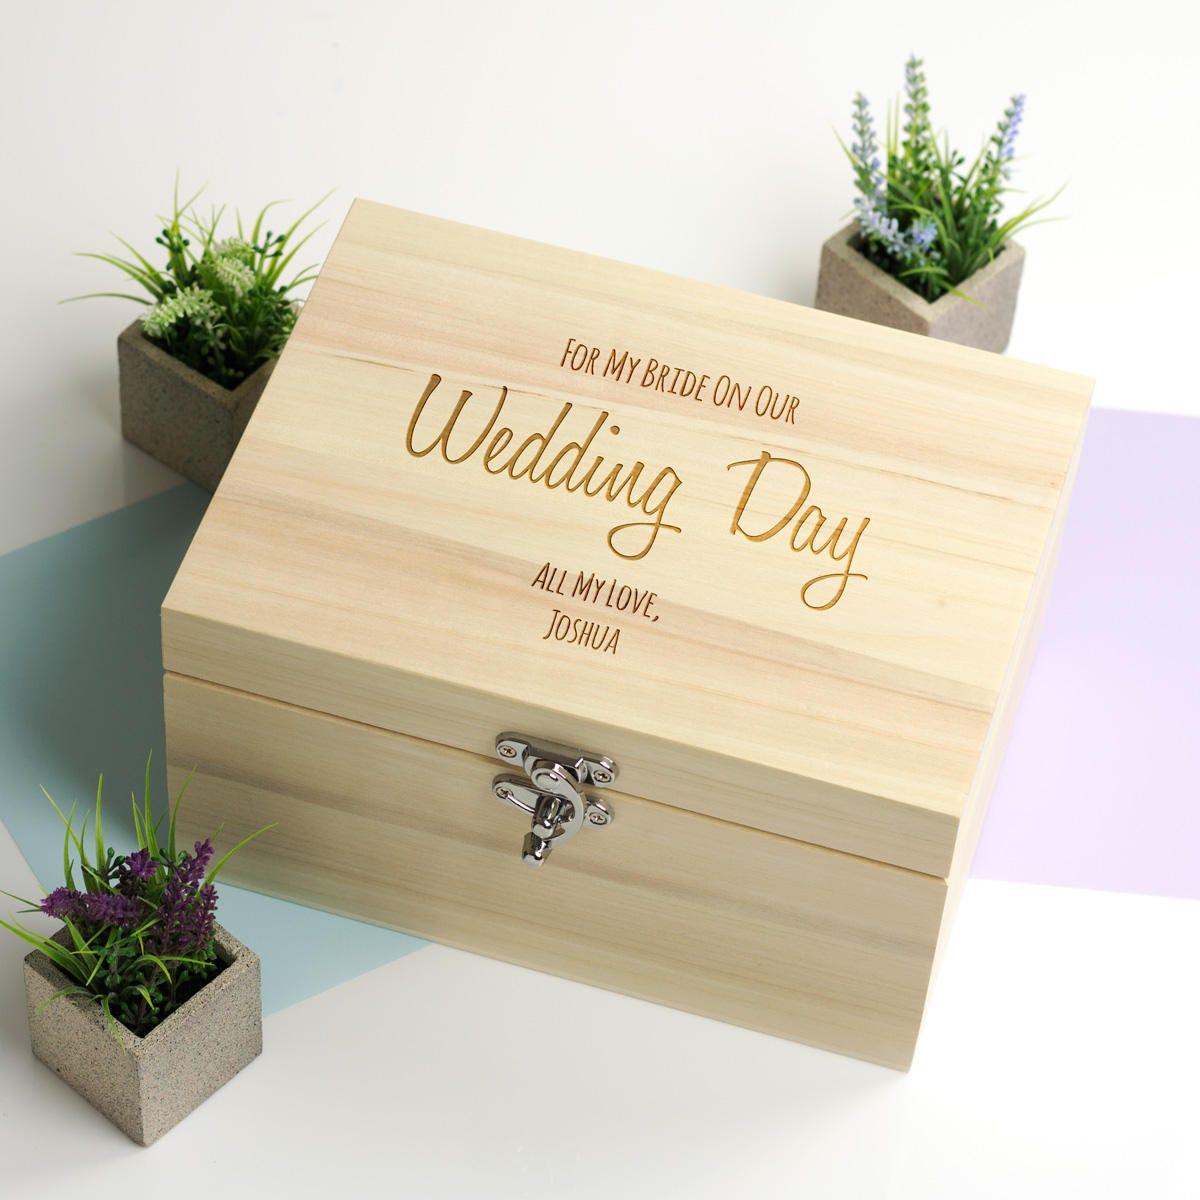 Wedding Gift For My Groom: Wedding Keepsake Box For My Bride Or Groom Personalised